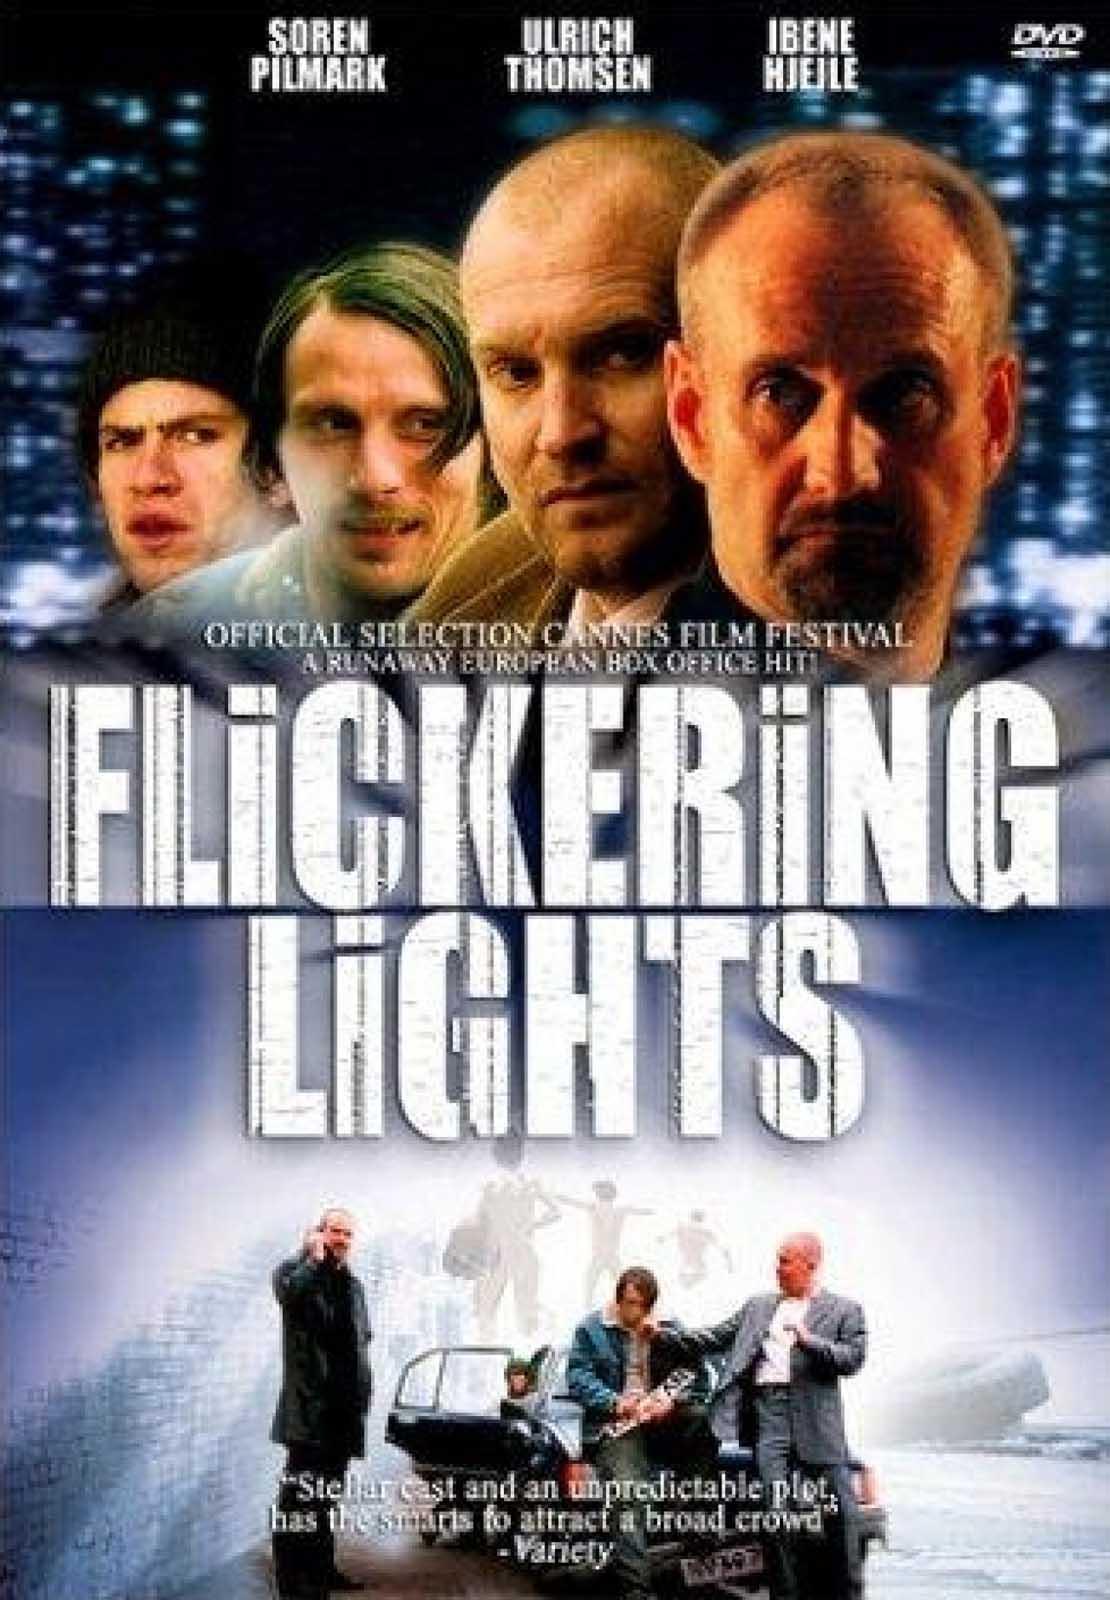 Télécharger Flickering lights HD VF